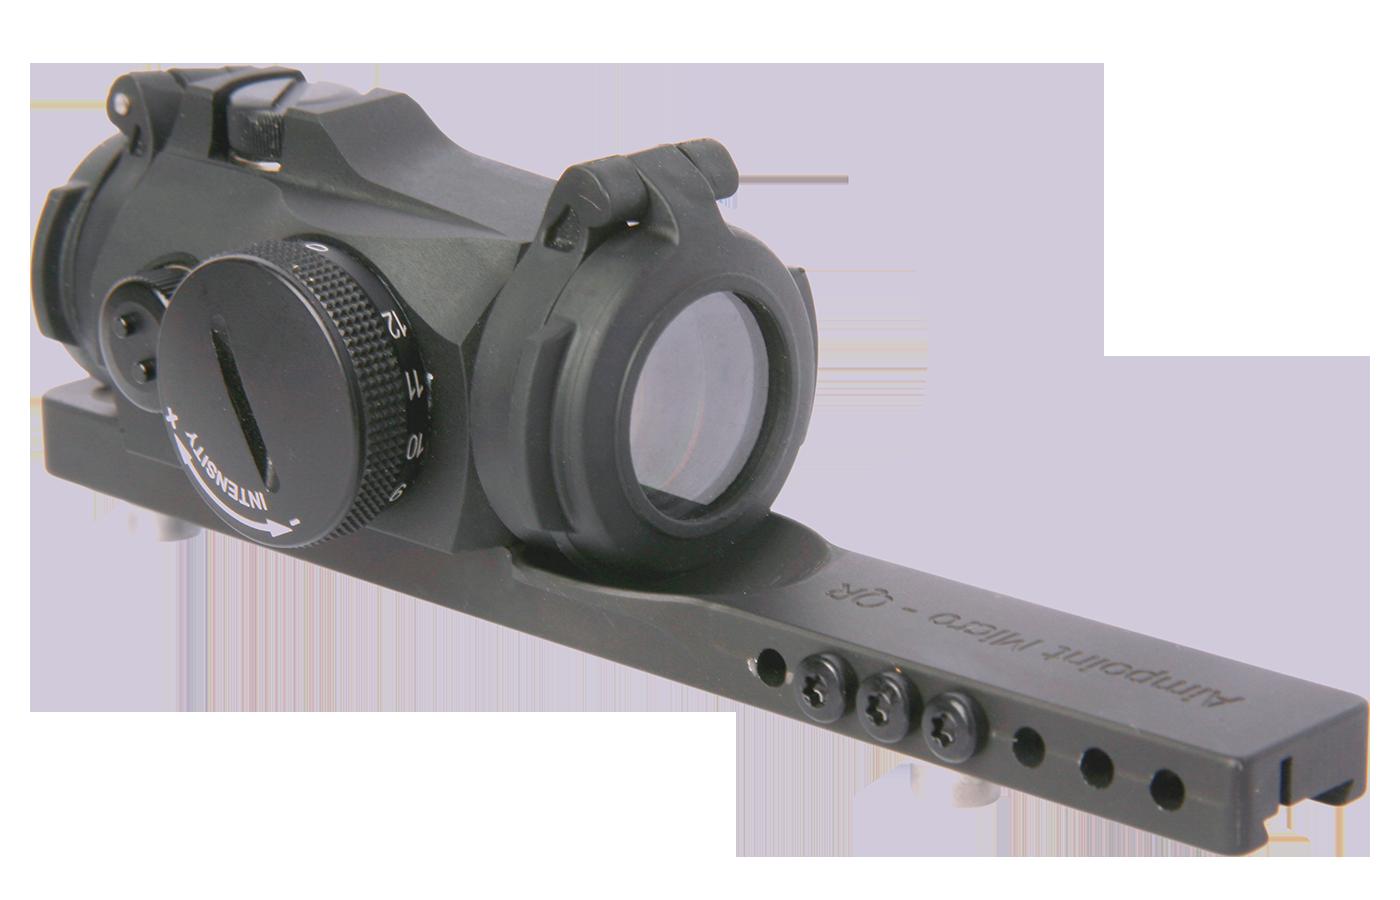 Entfernungsmesser Jagd Leupold : Jagd freizeit aimpoint micro h inkl leupold qr montage